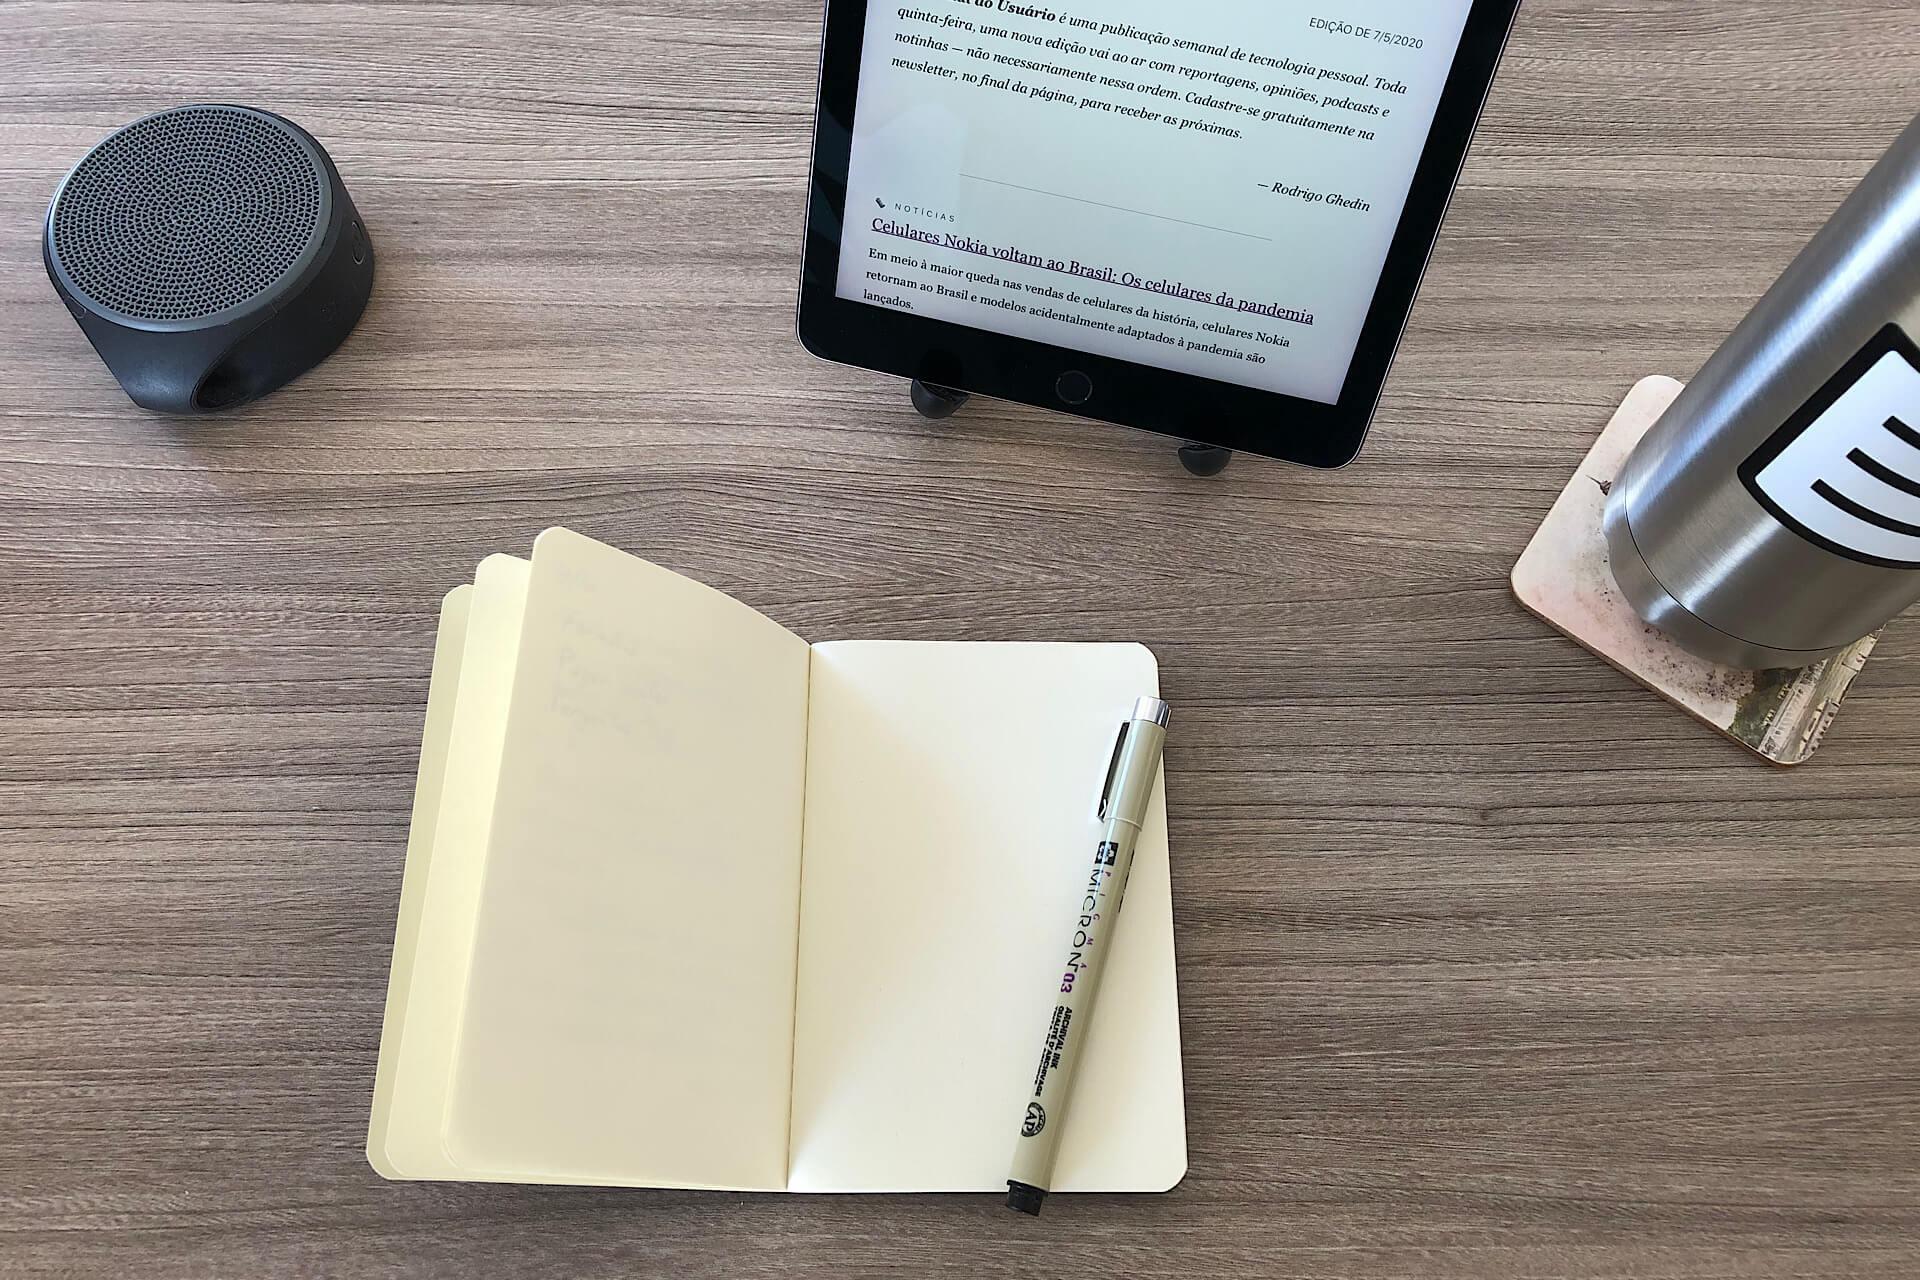 Mesa com um caderninho, caneta, tablet, caixa de som e garrafa d'água.